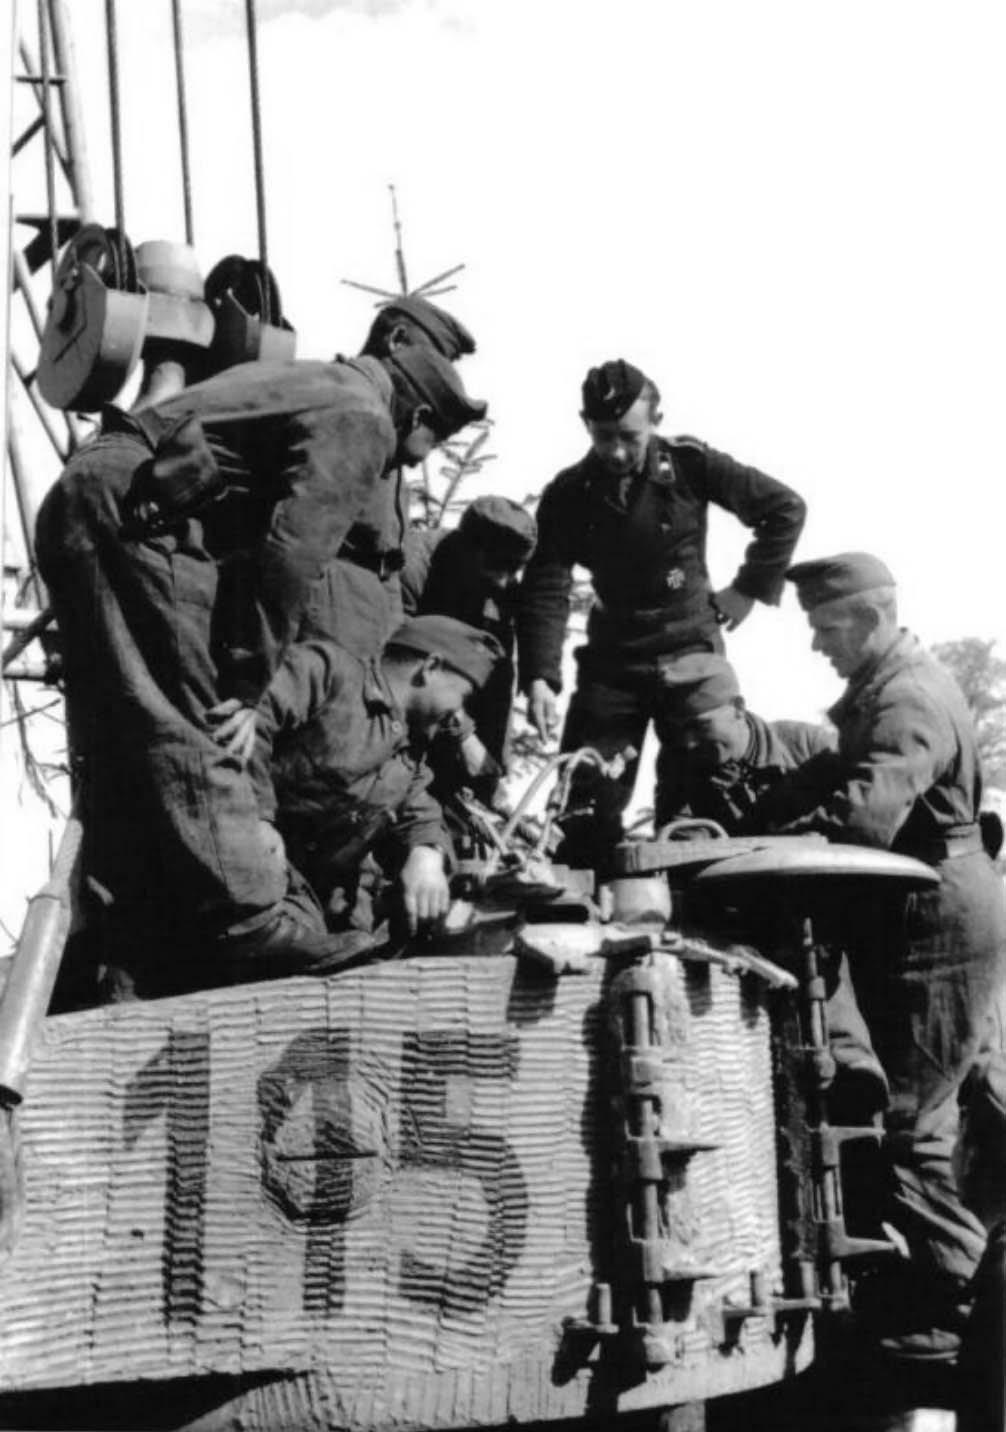 Hungarian Tiger tank number 115